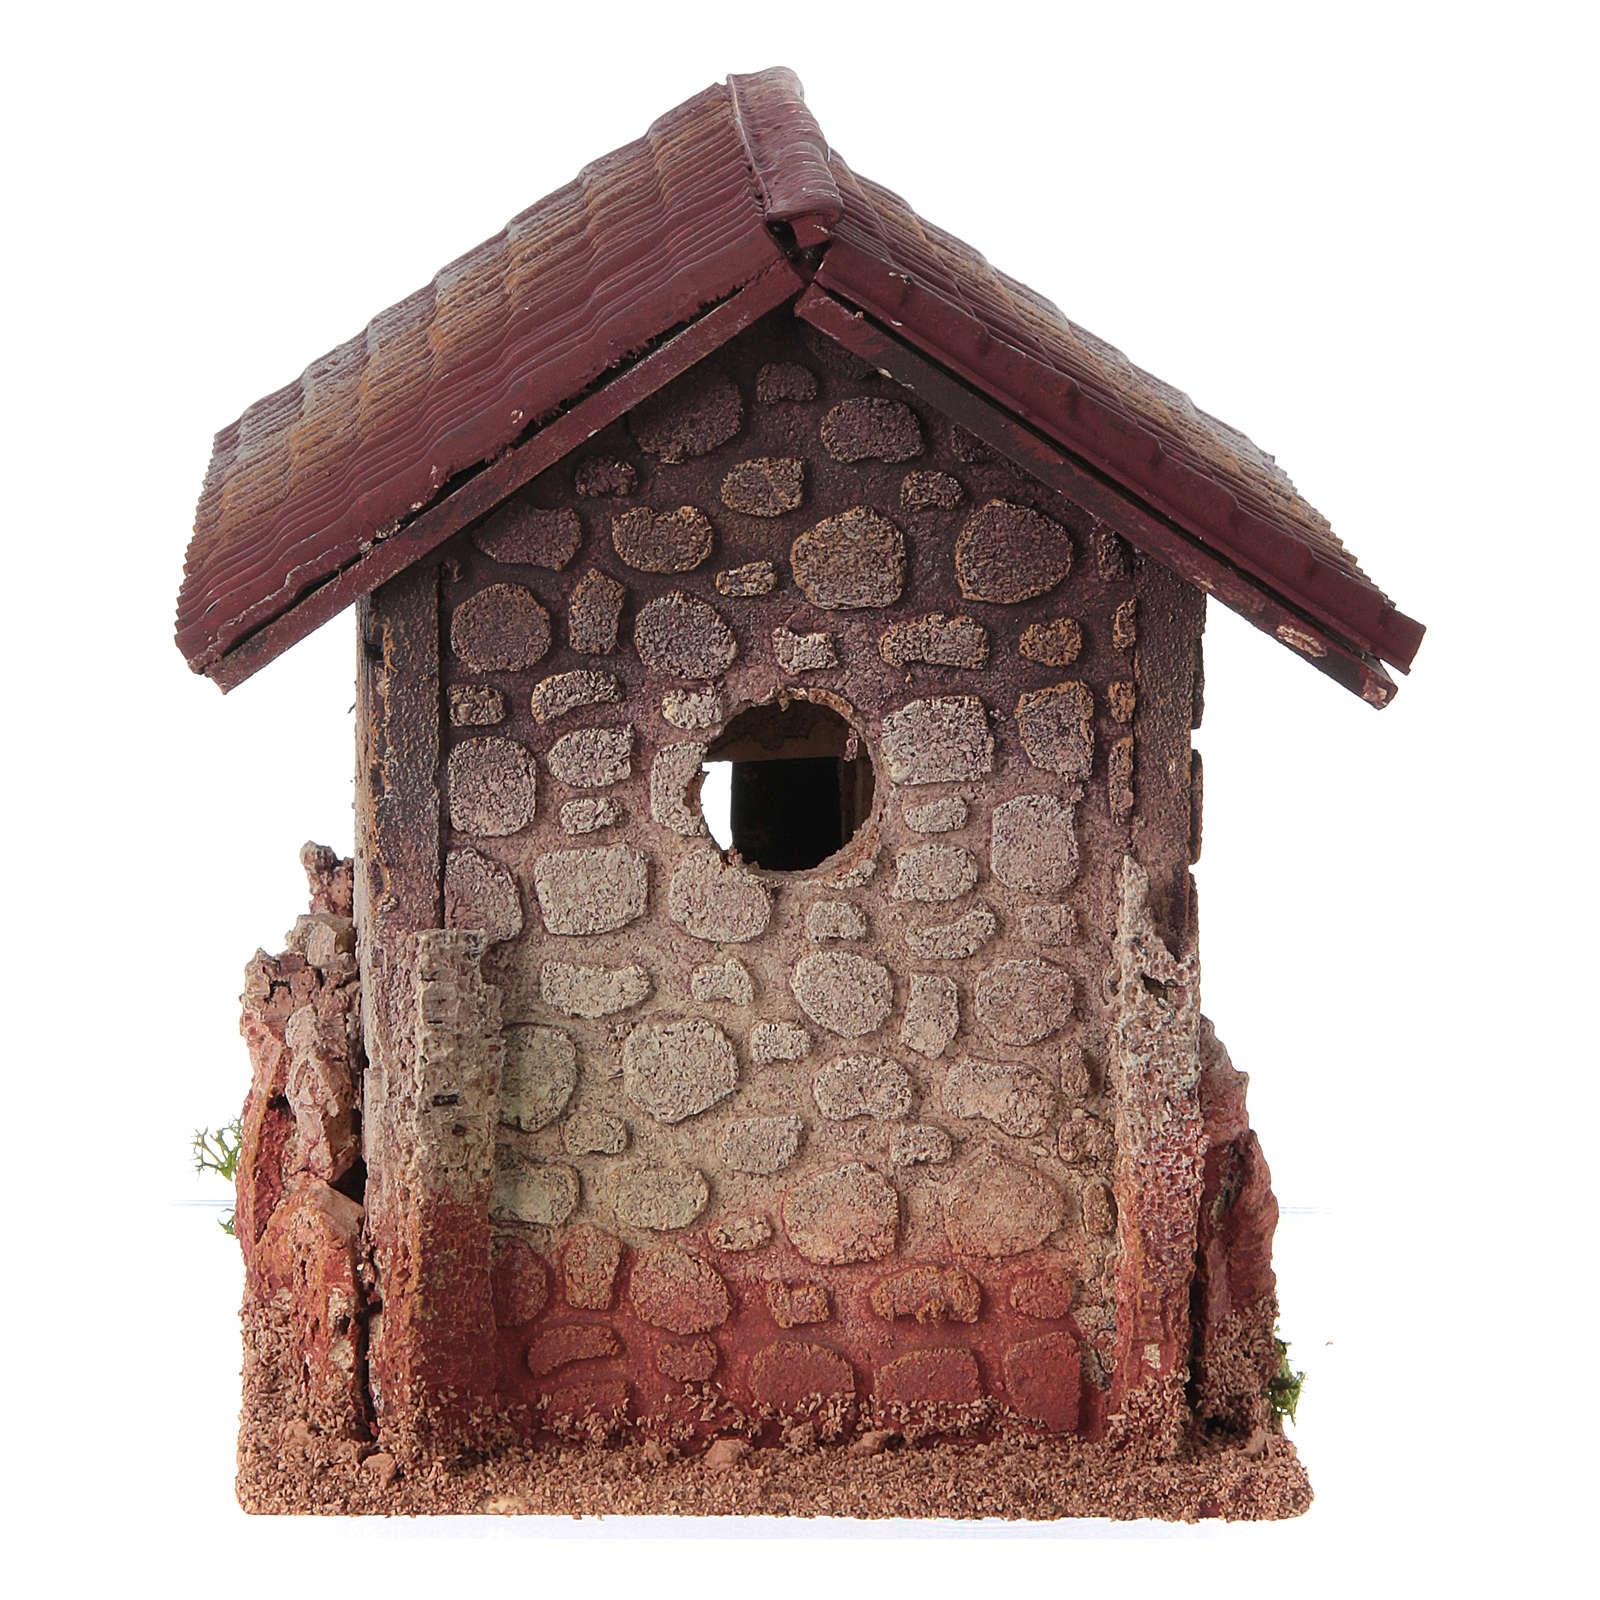 Décor crèche maison style nordique 19x15x20 4